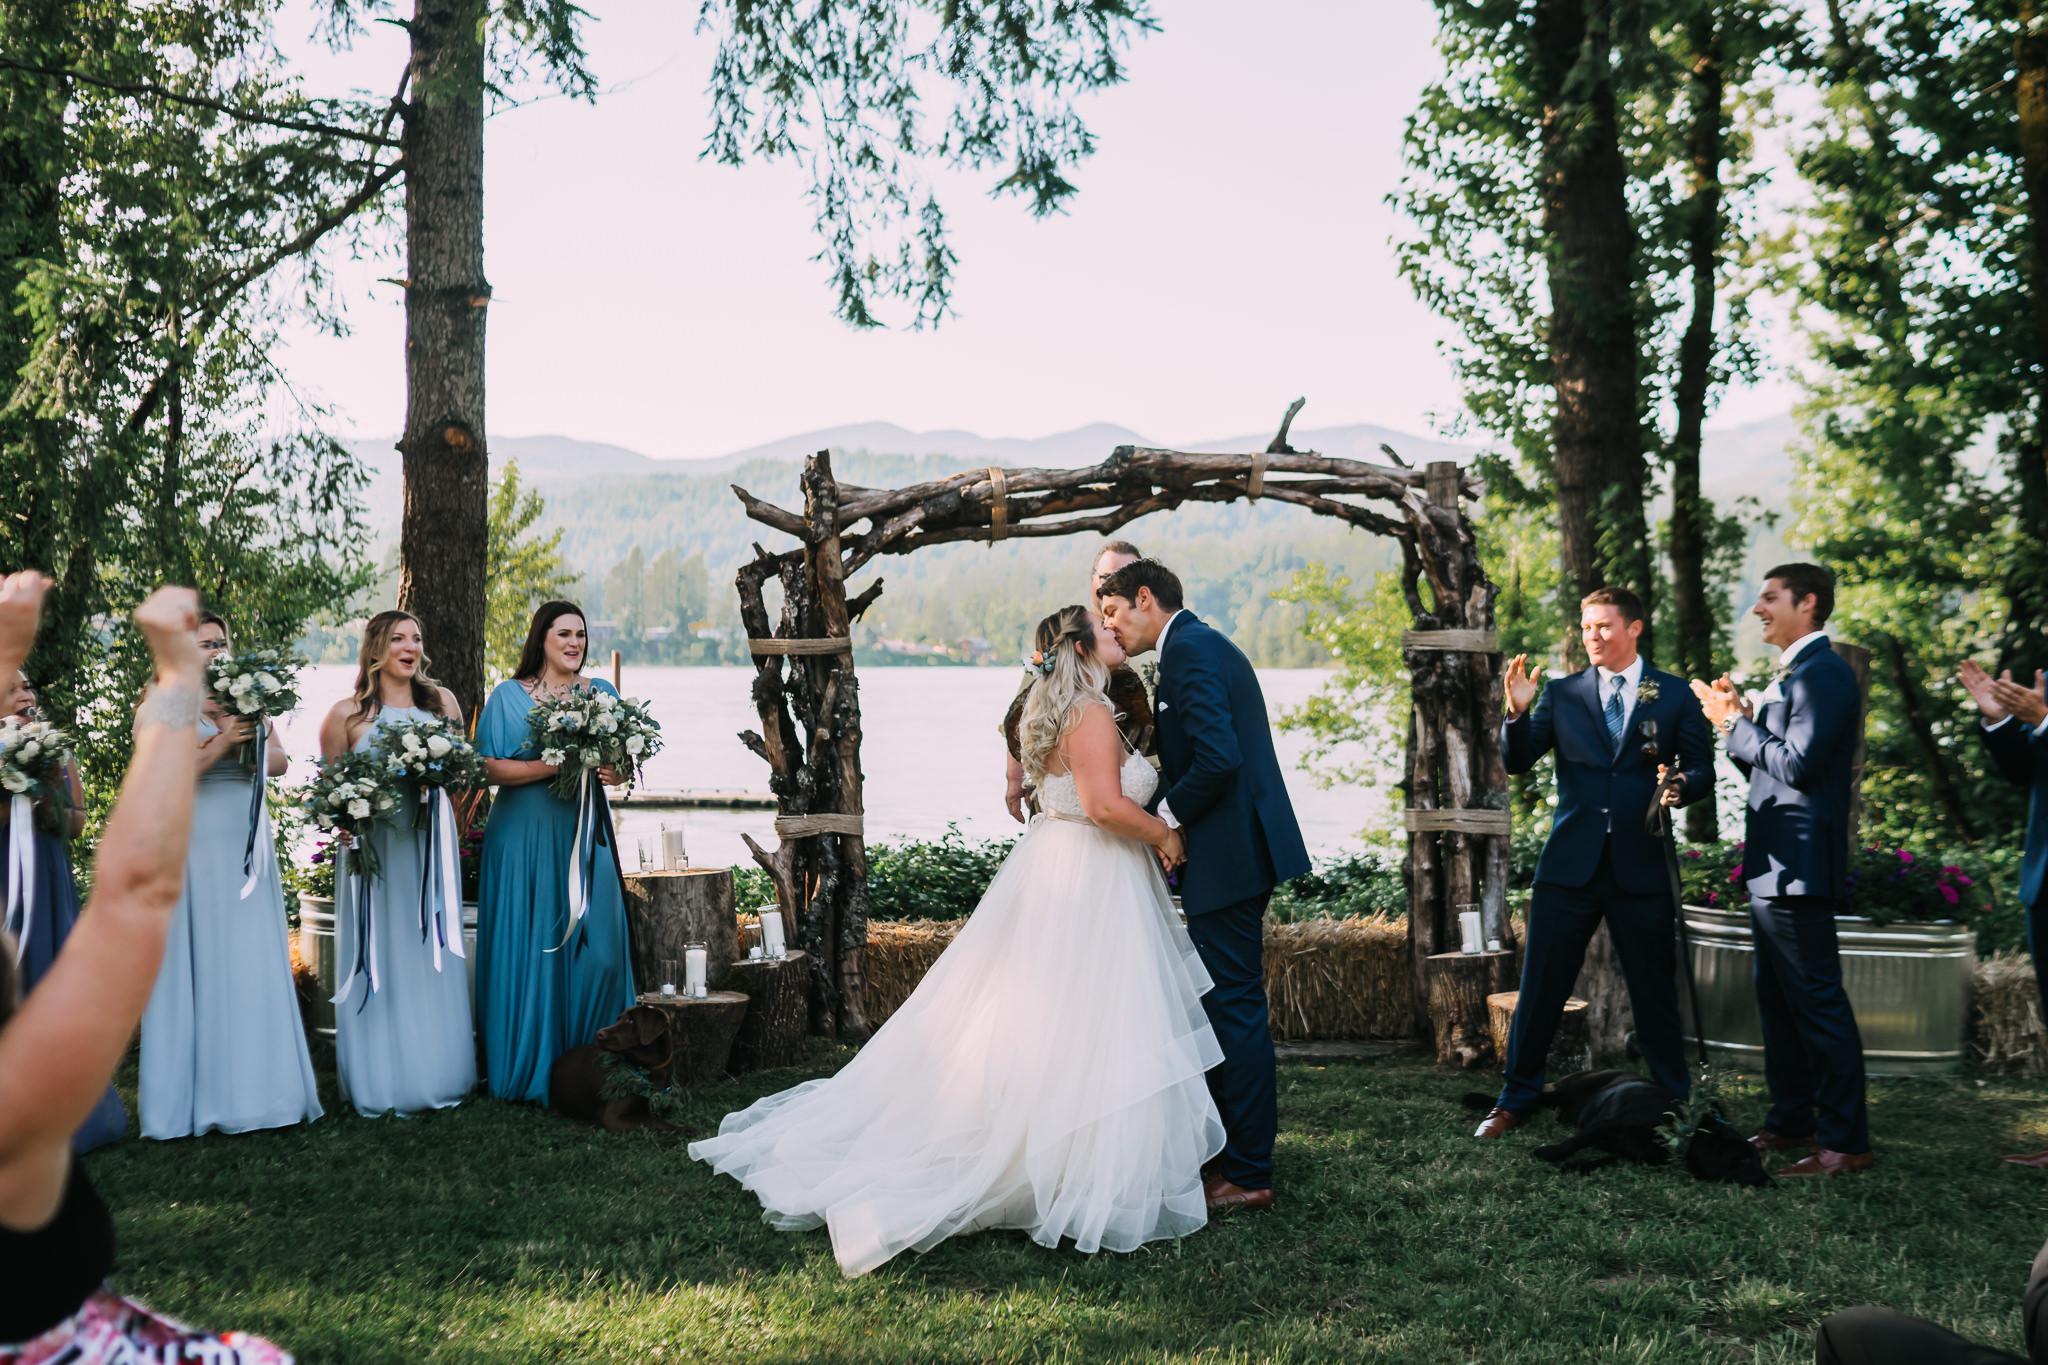 First Kiss backyard wedding photographer Alfred Tang Portland Best of wedding Alter First Kiss